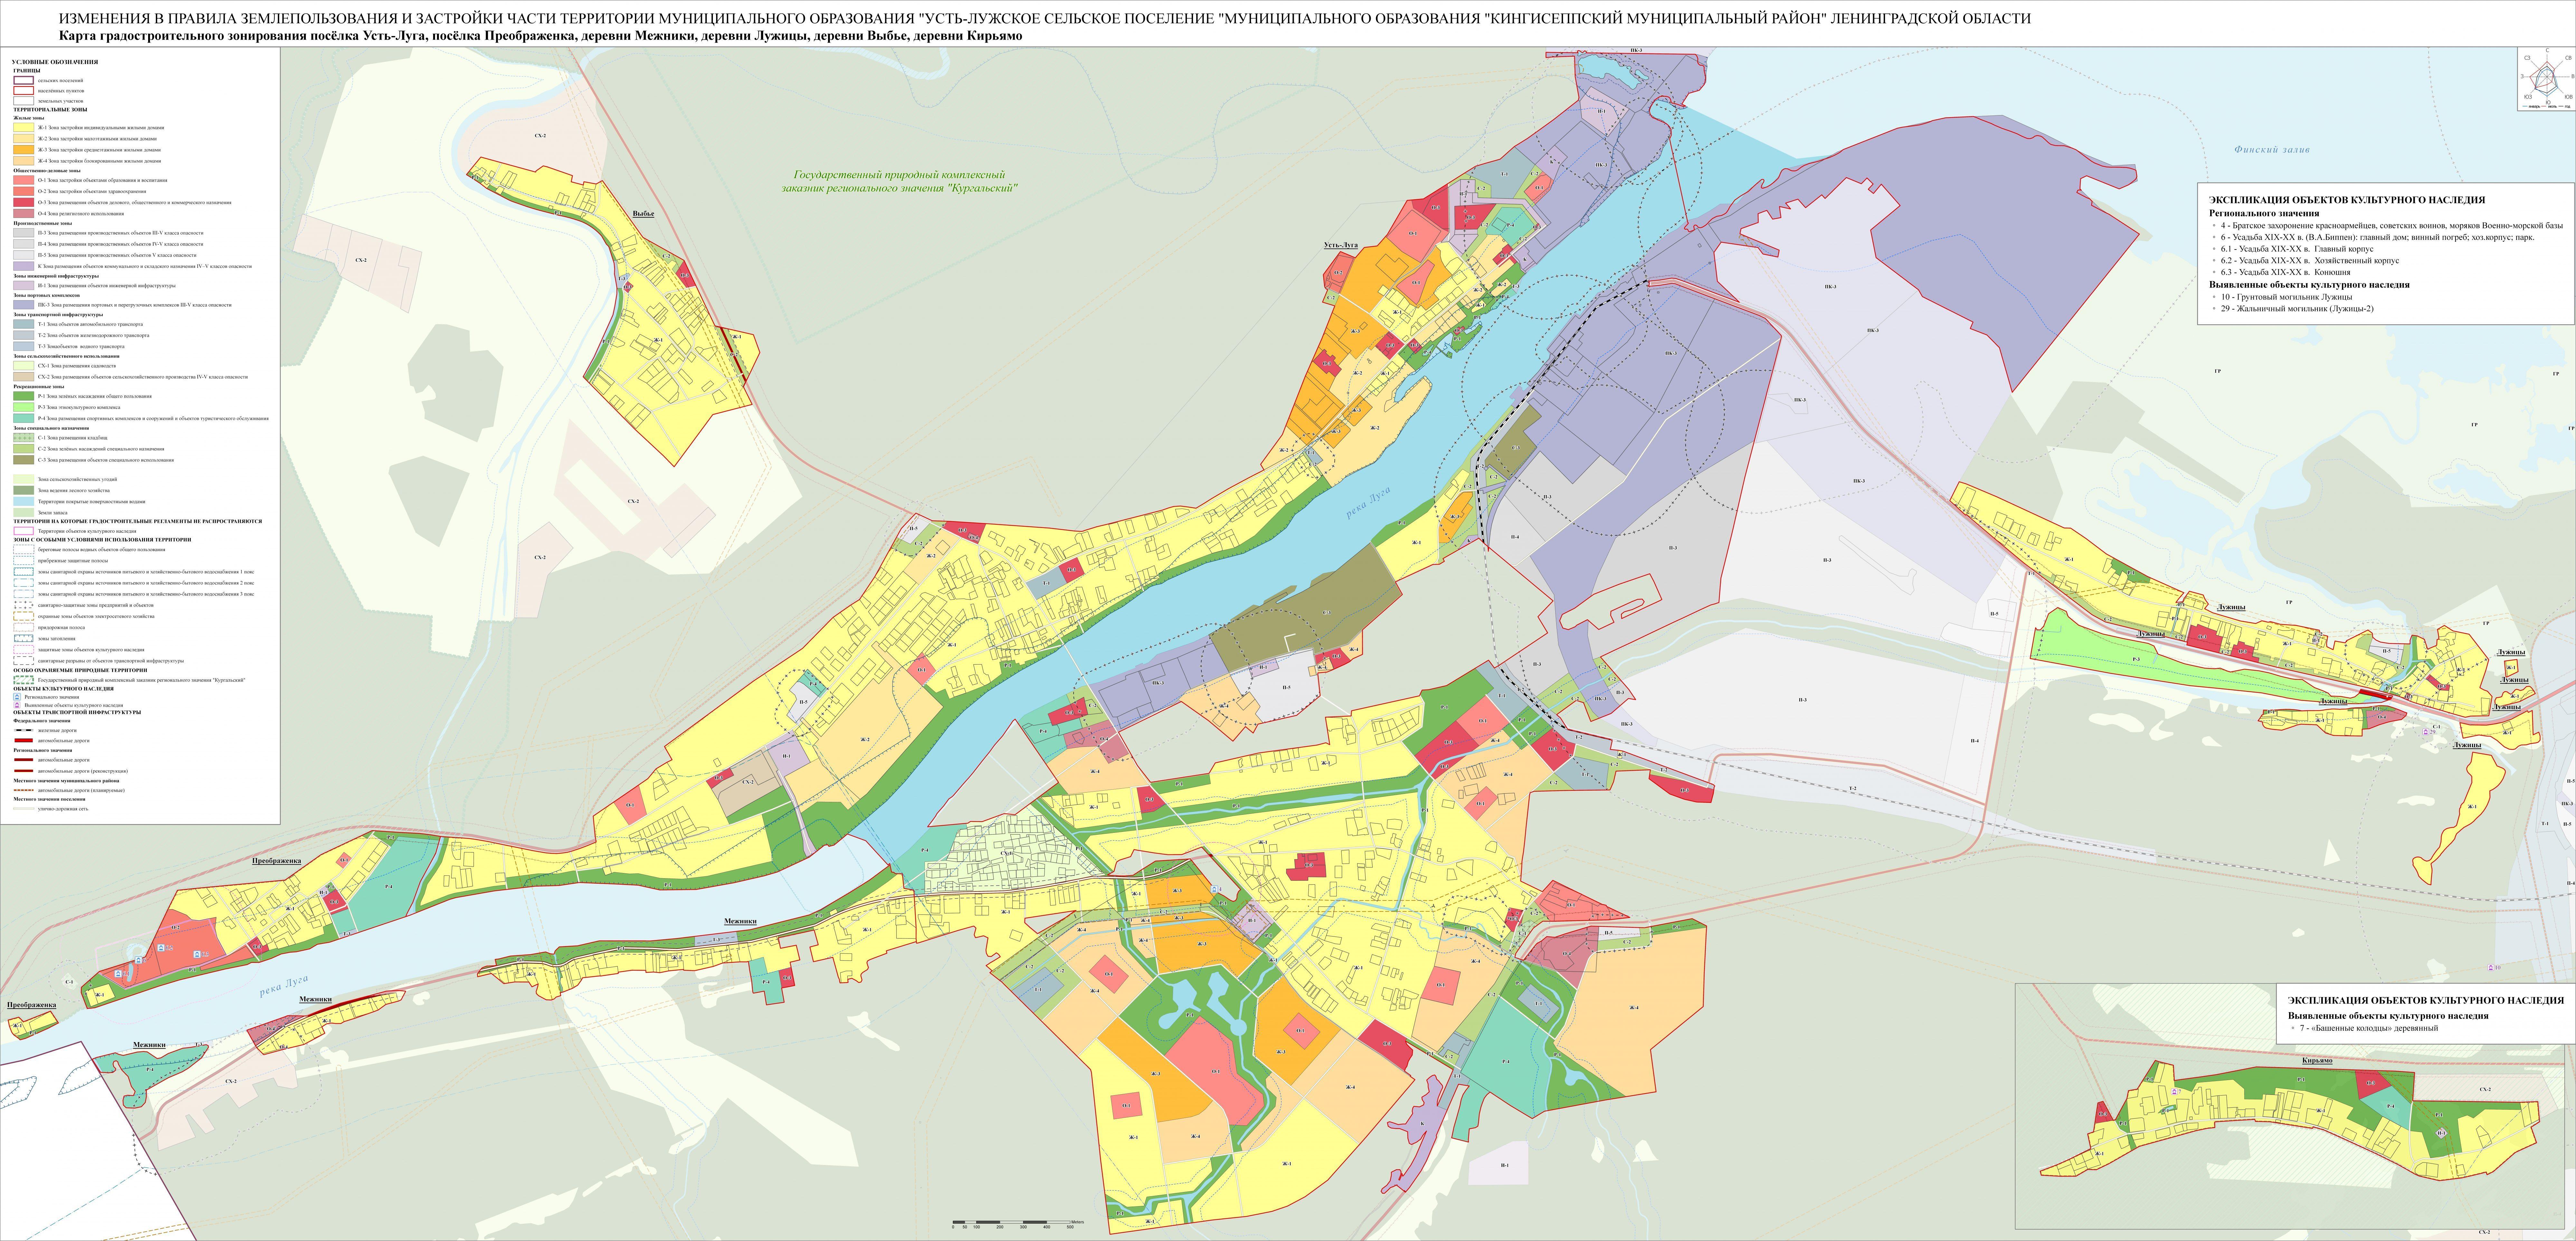 1_Карта градостроительного зонирования